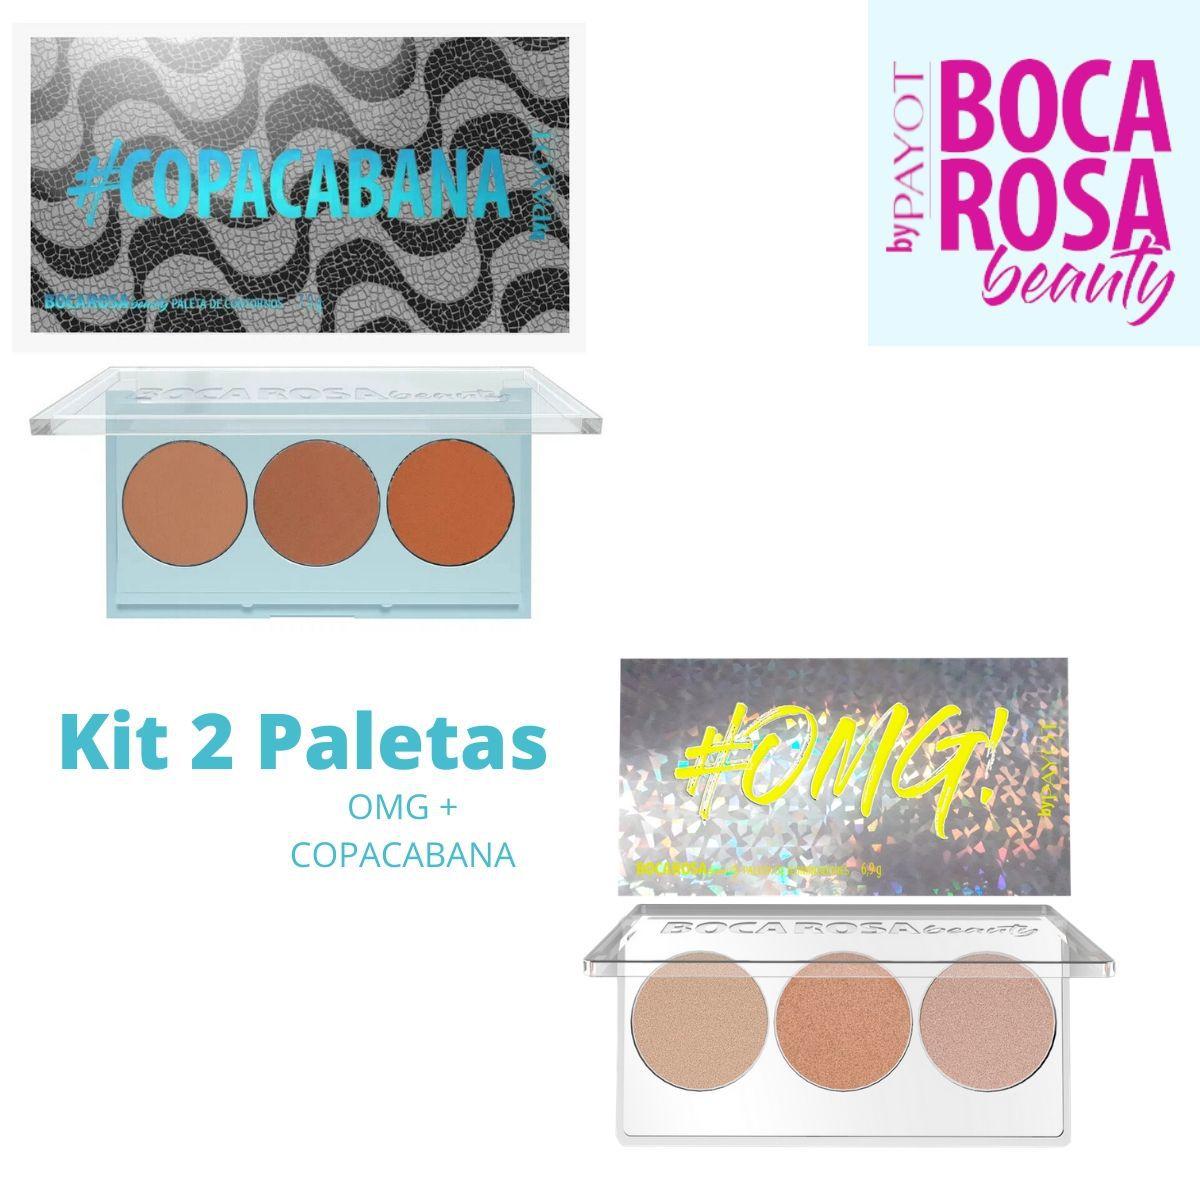 Kit 2 Paletas Boca Rosa ( Copacabana + OMG) by Payot